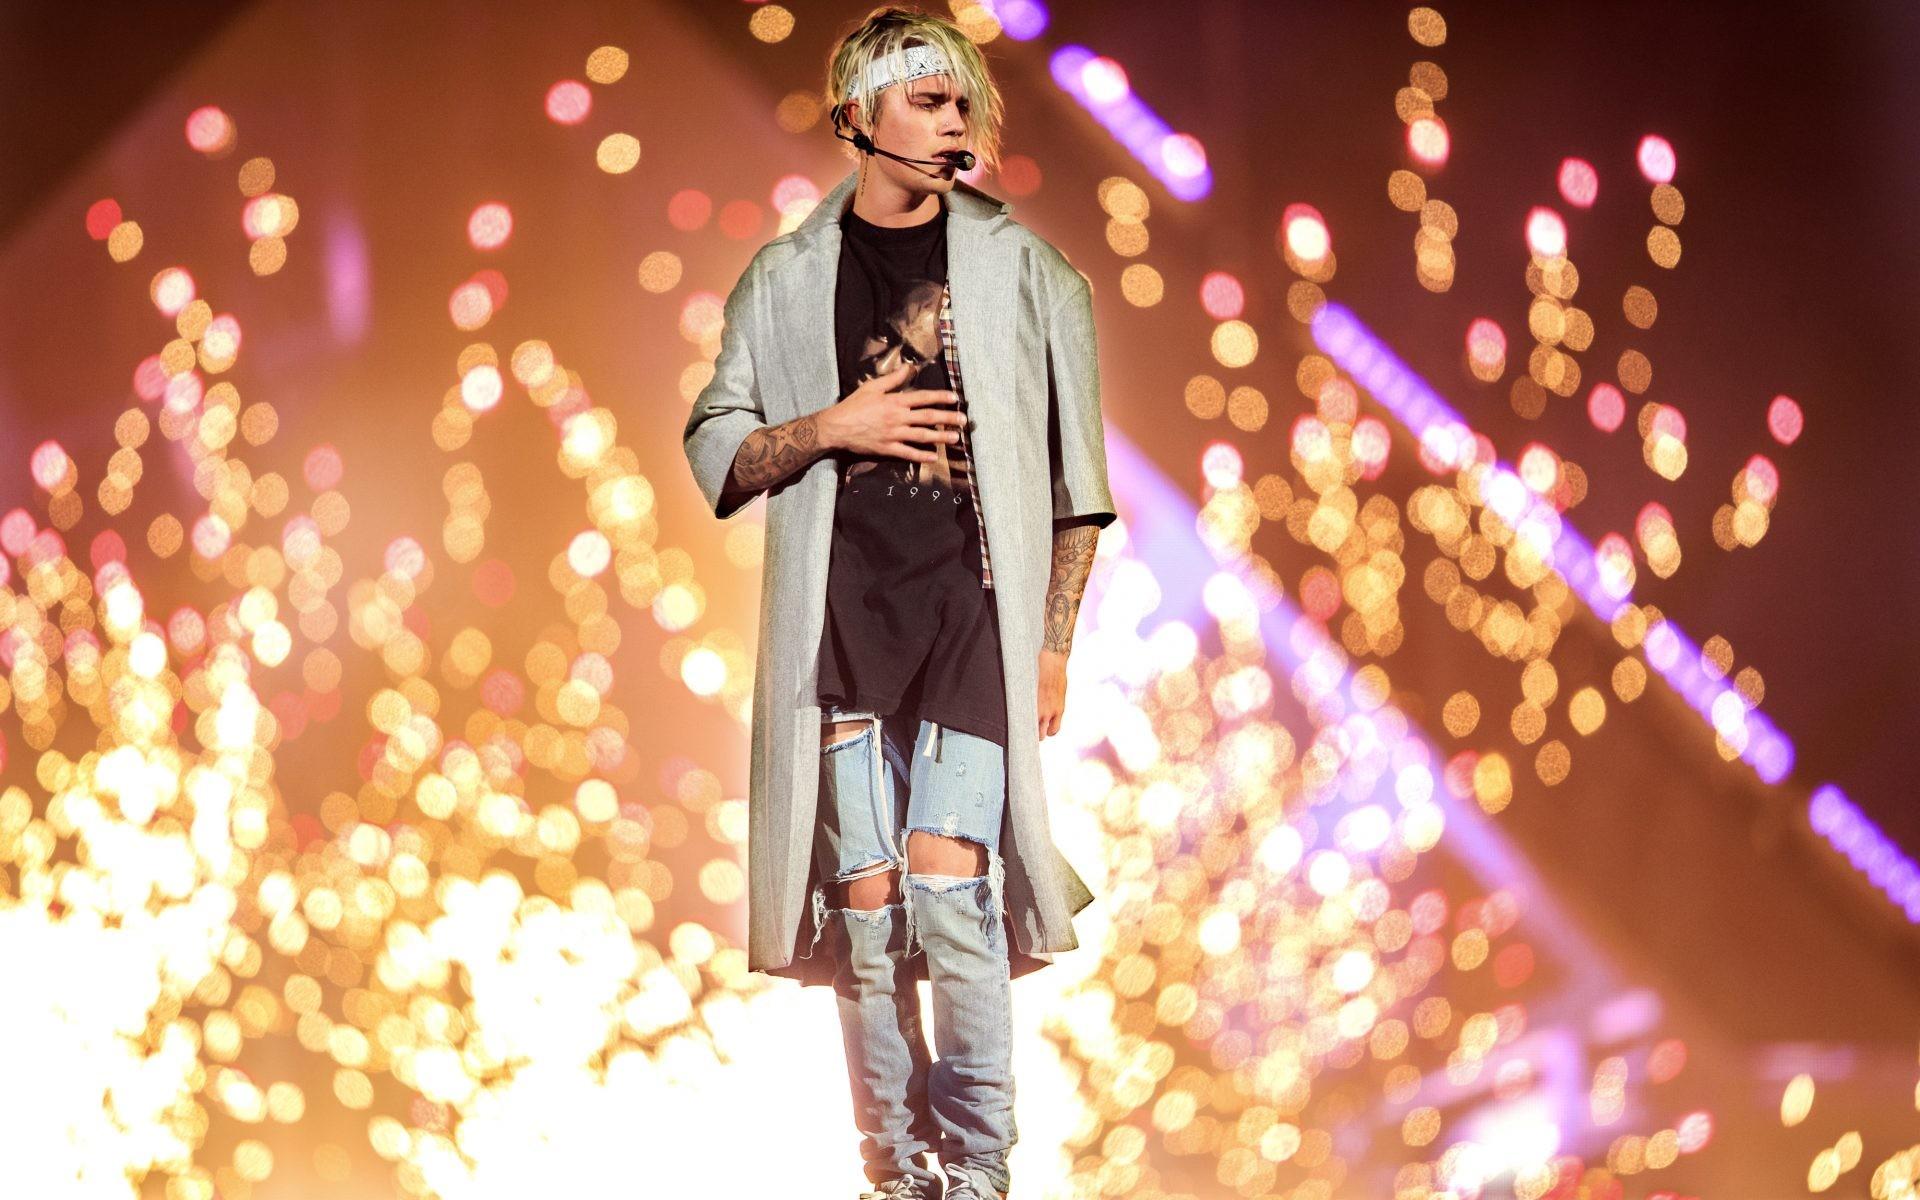 Justin Bieber Tumblr Backgrounds 2018 67 Images: Justin Bieber Wallpaper HD 2018 (64+ Images